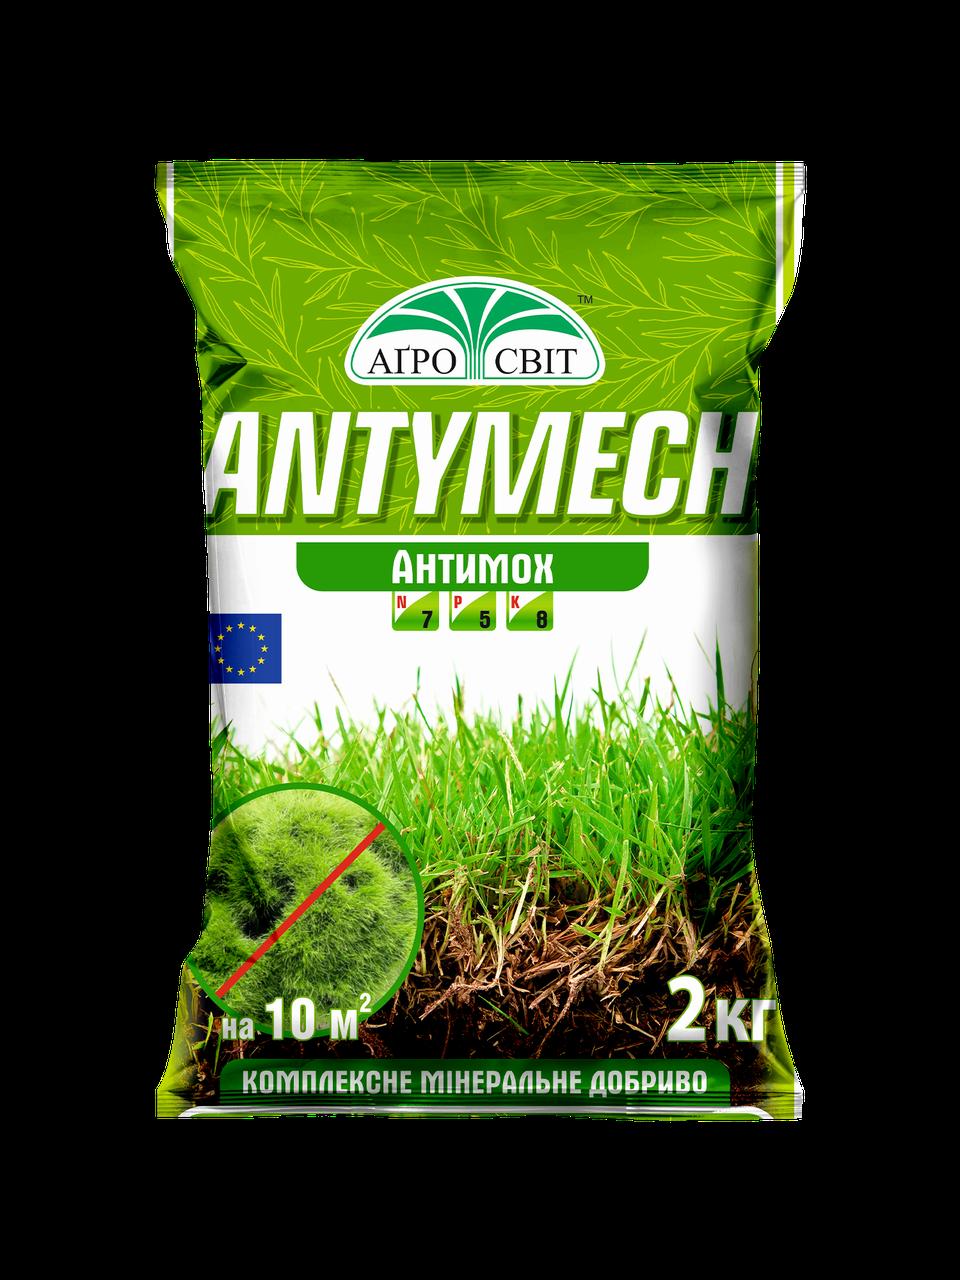 Комплексне добриво Antymech антимох, 2 кг